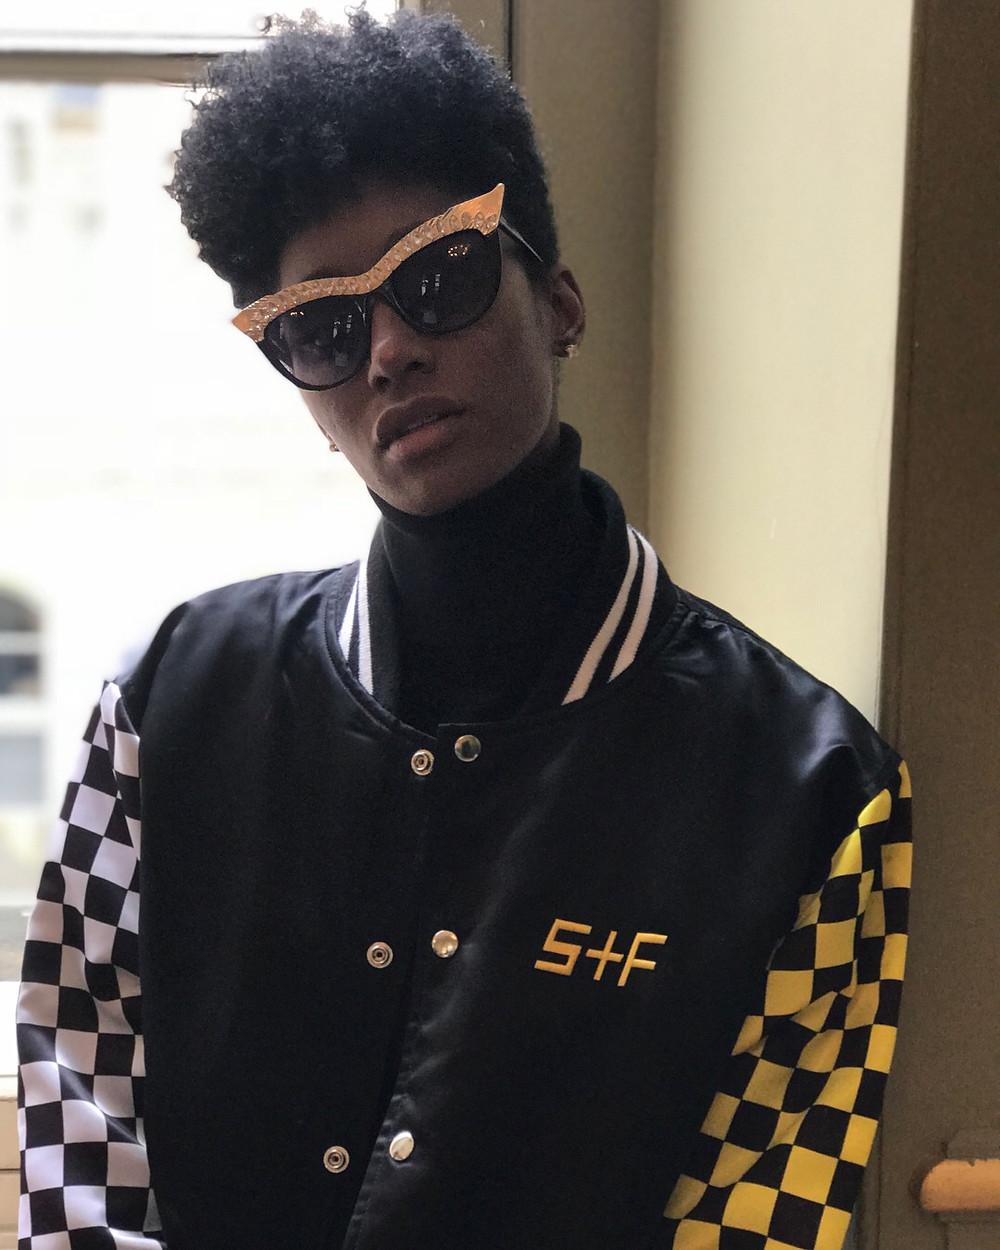 Black Female Andy Warhol in Paris